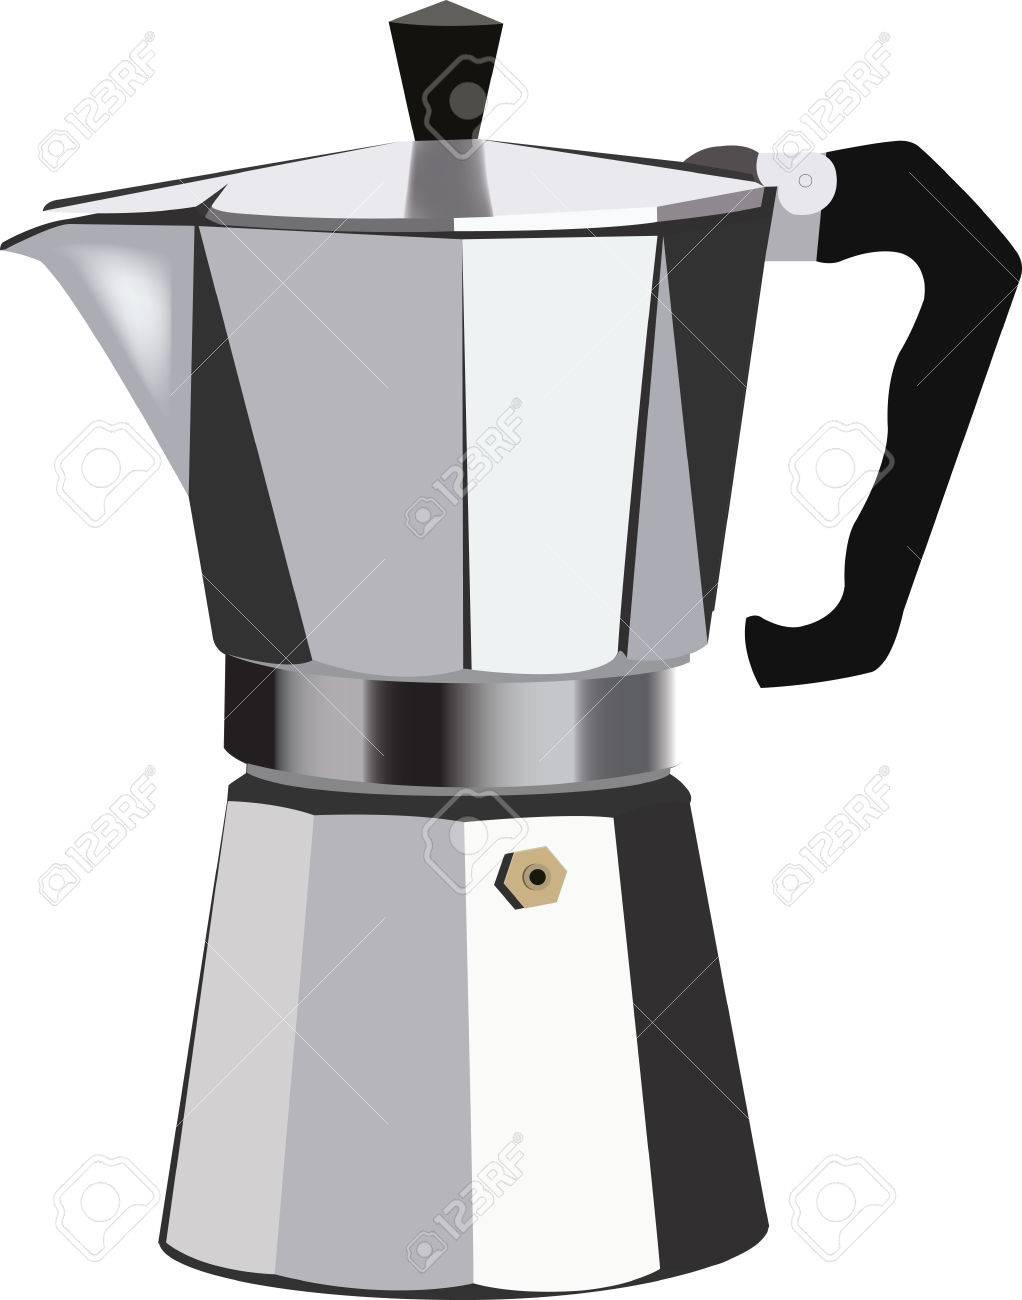 Cafetera italiana en aluminio para filtrar el café